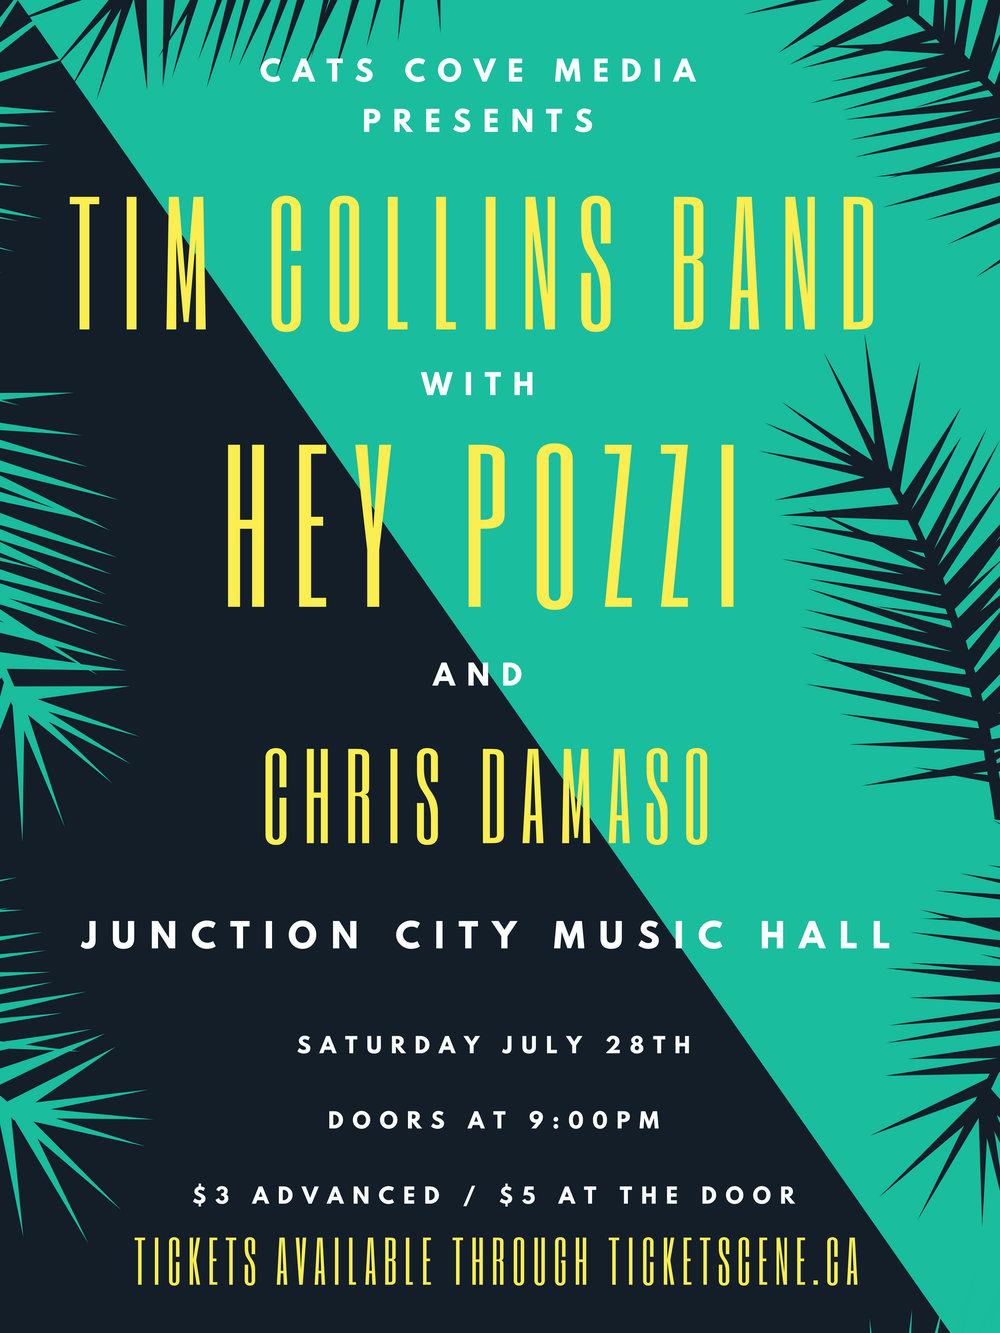 Junction City Poster (1).jpg